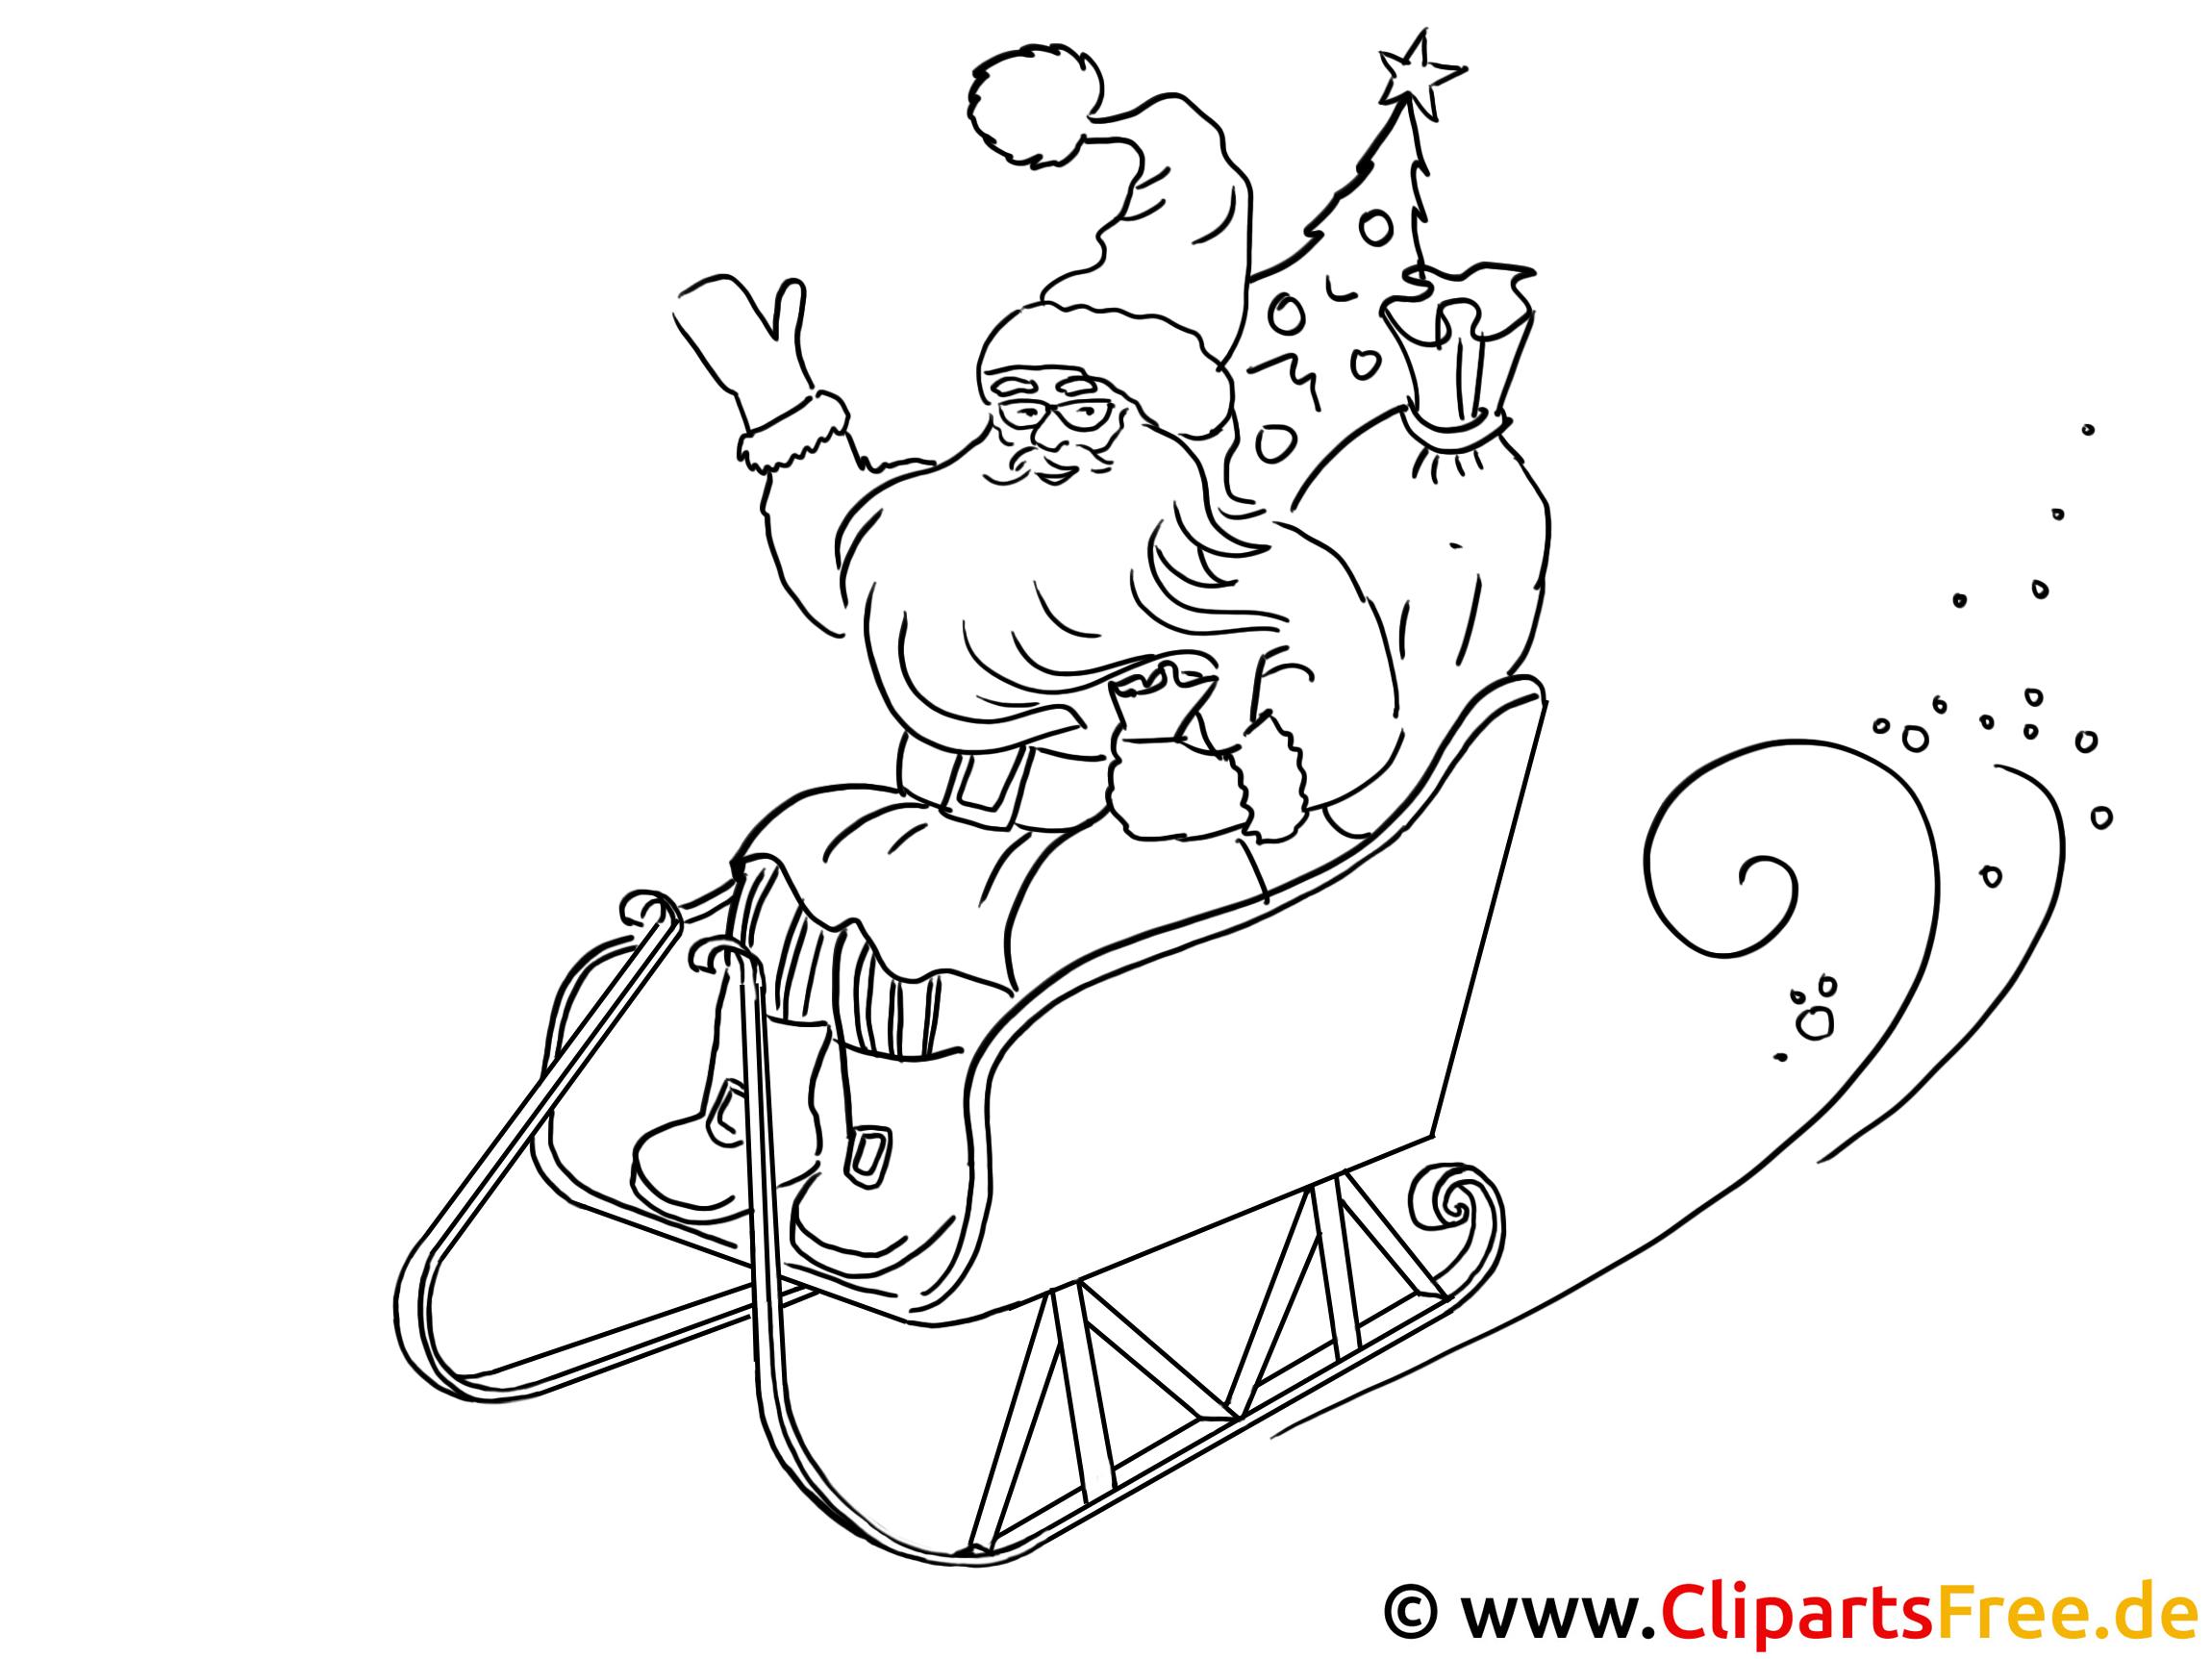 Weihnachts Ausmalbilder Nikolaus Auf Schlitten